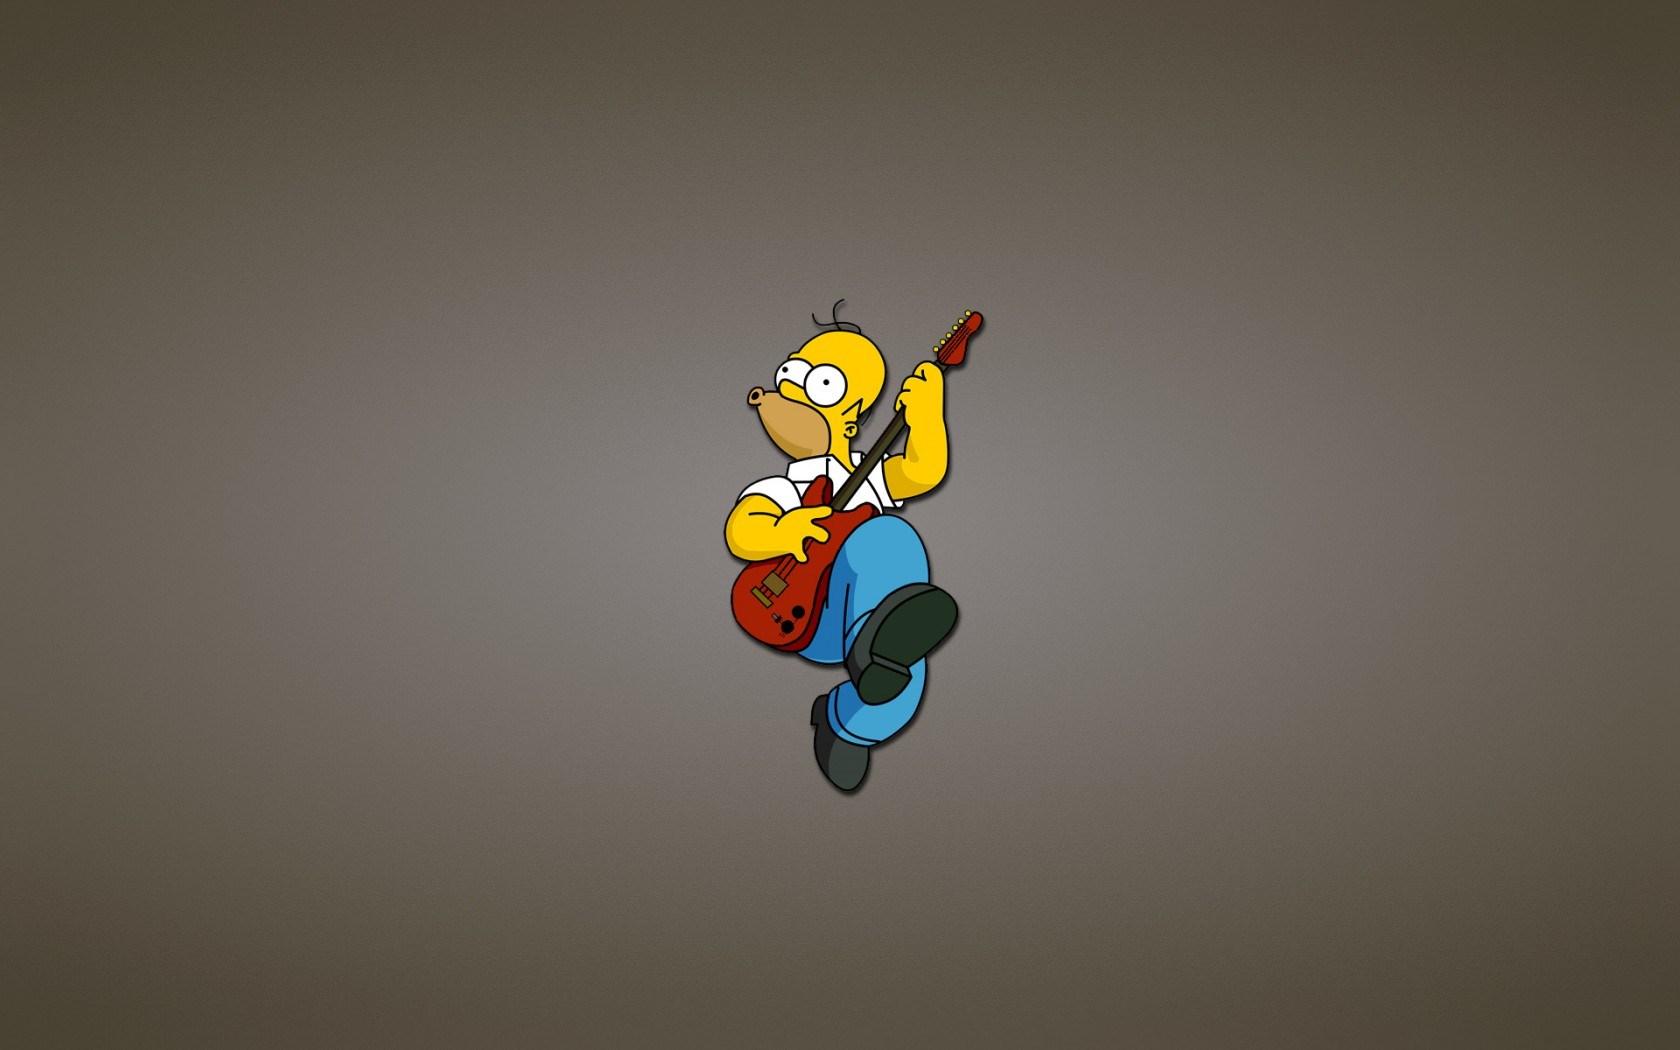 The Simpsons Wallpaper Hd Wallpapersafari